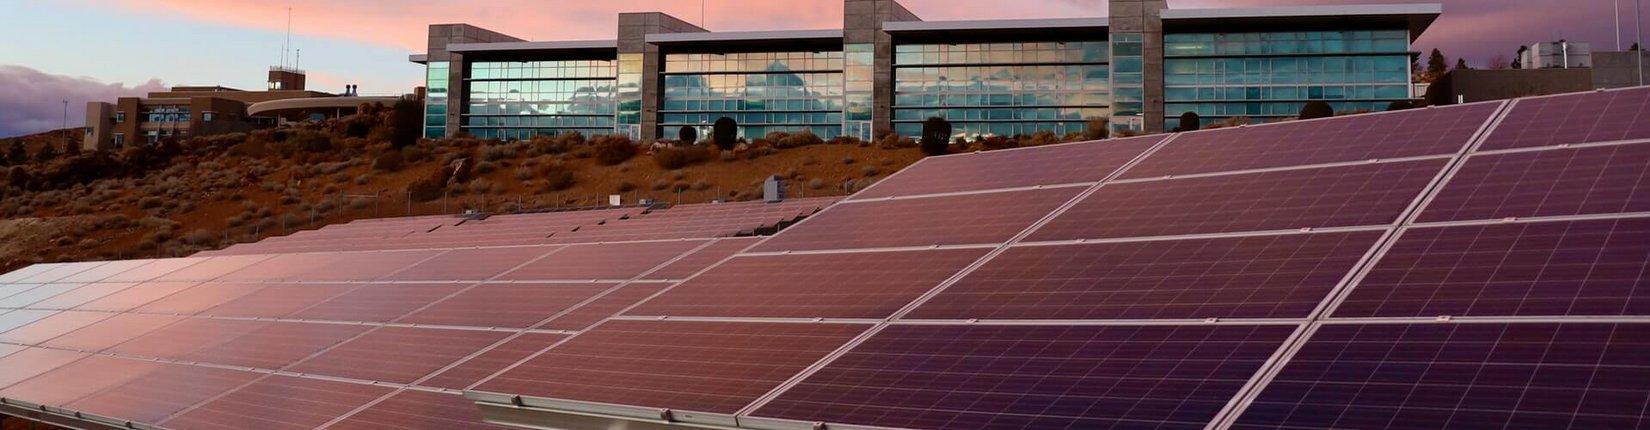 Solarteure beim Montieren einer Solaranlage (Bildquelle: Fotolia/Marina Lohrbach)